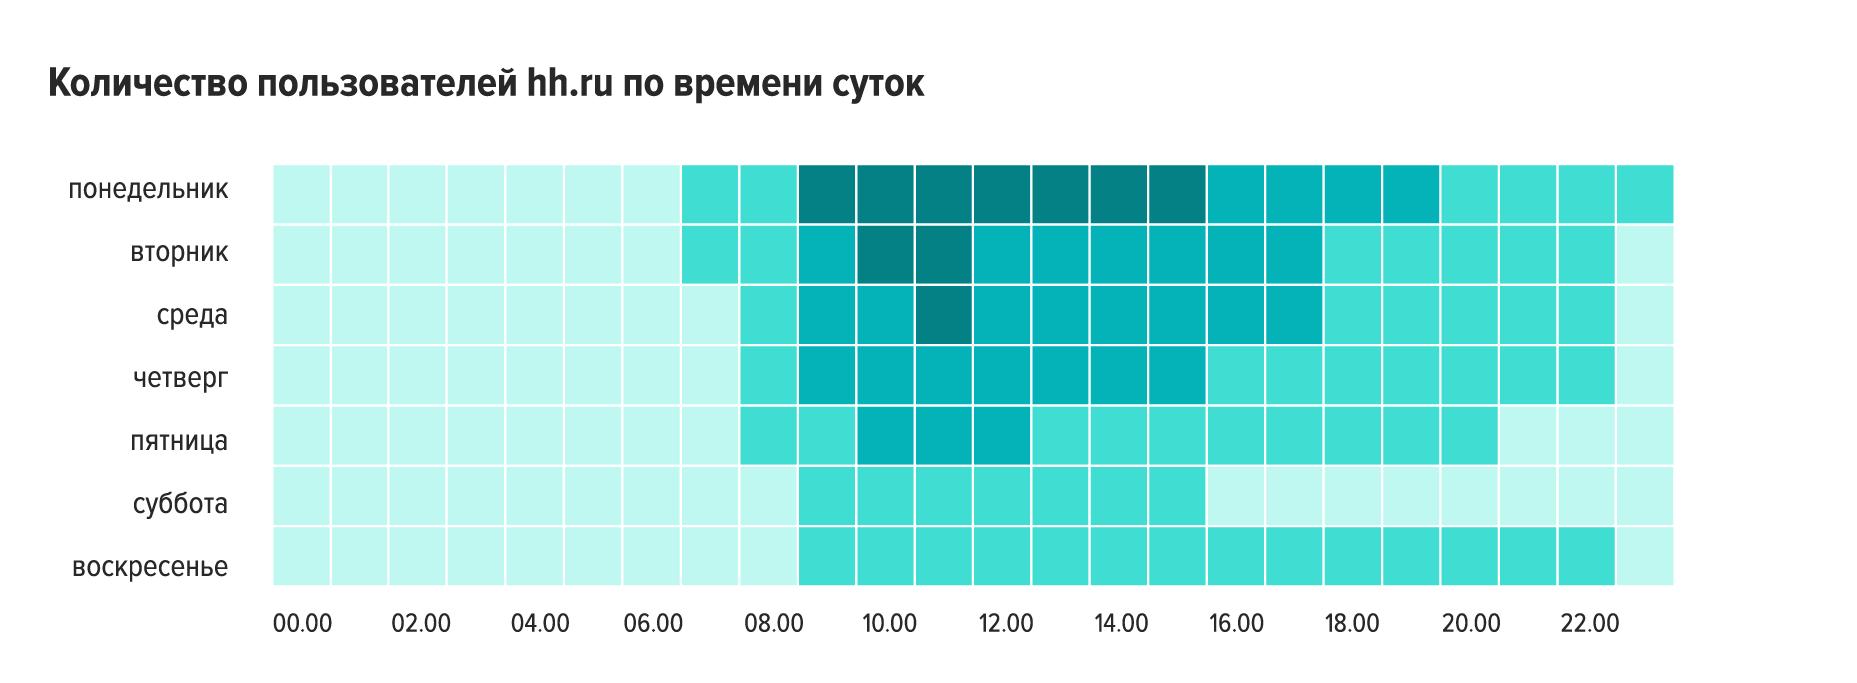 Как разместить вакансию на hh.ru, чтобы на нее пришло больше откликов